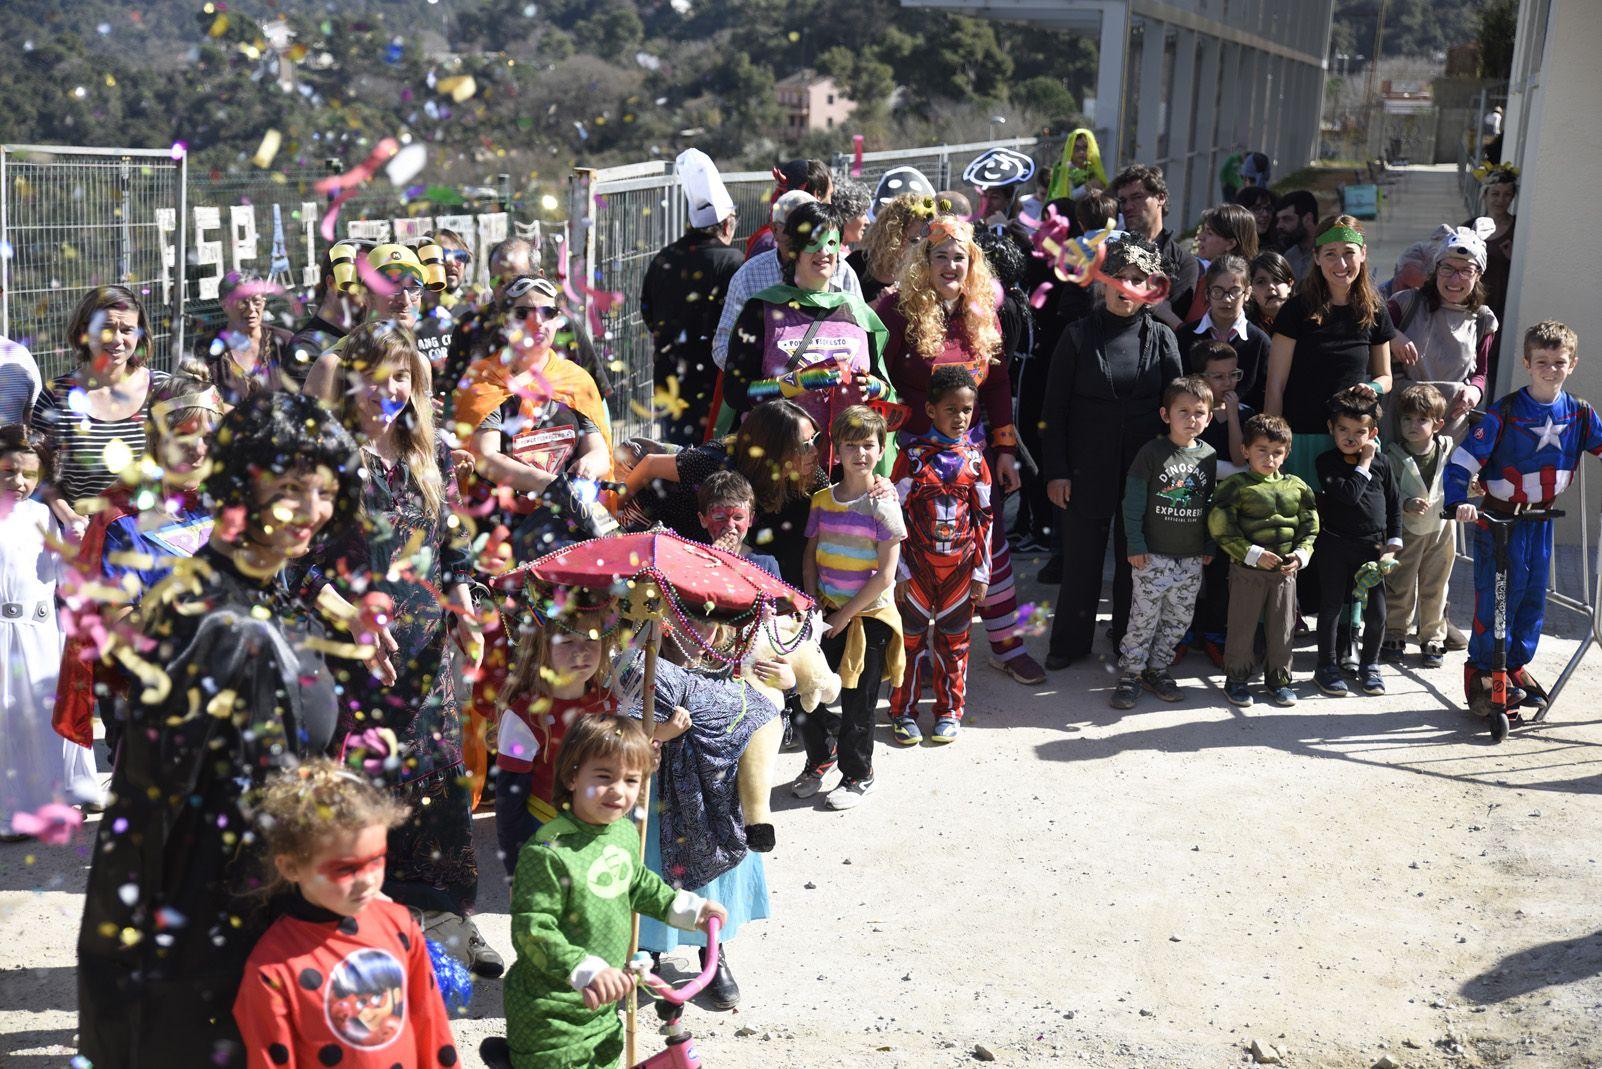 Judici al Rei Carnestoltes del Carnaval de Les Planes. Foto: Bernat Millet.